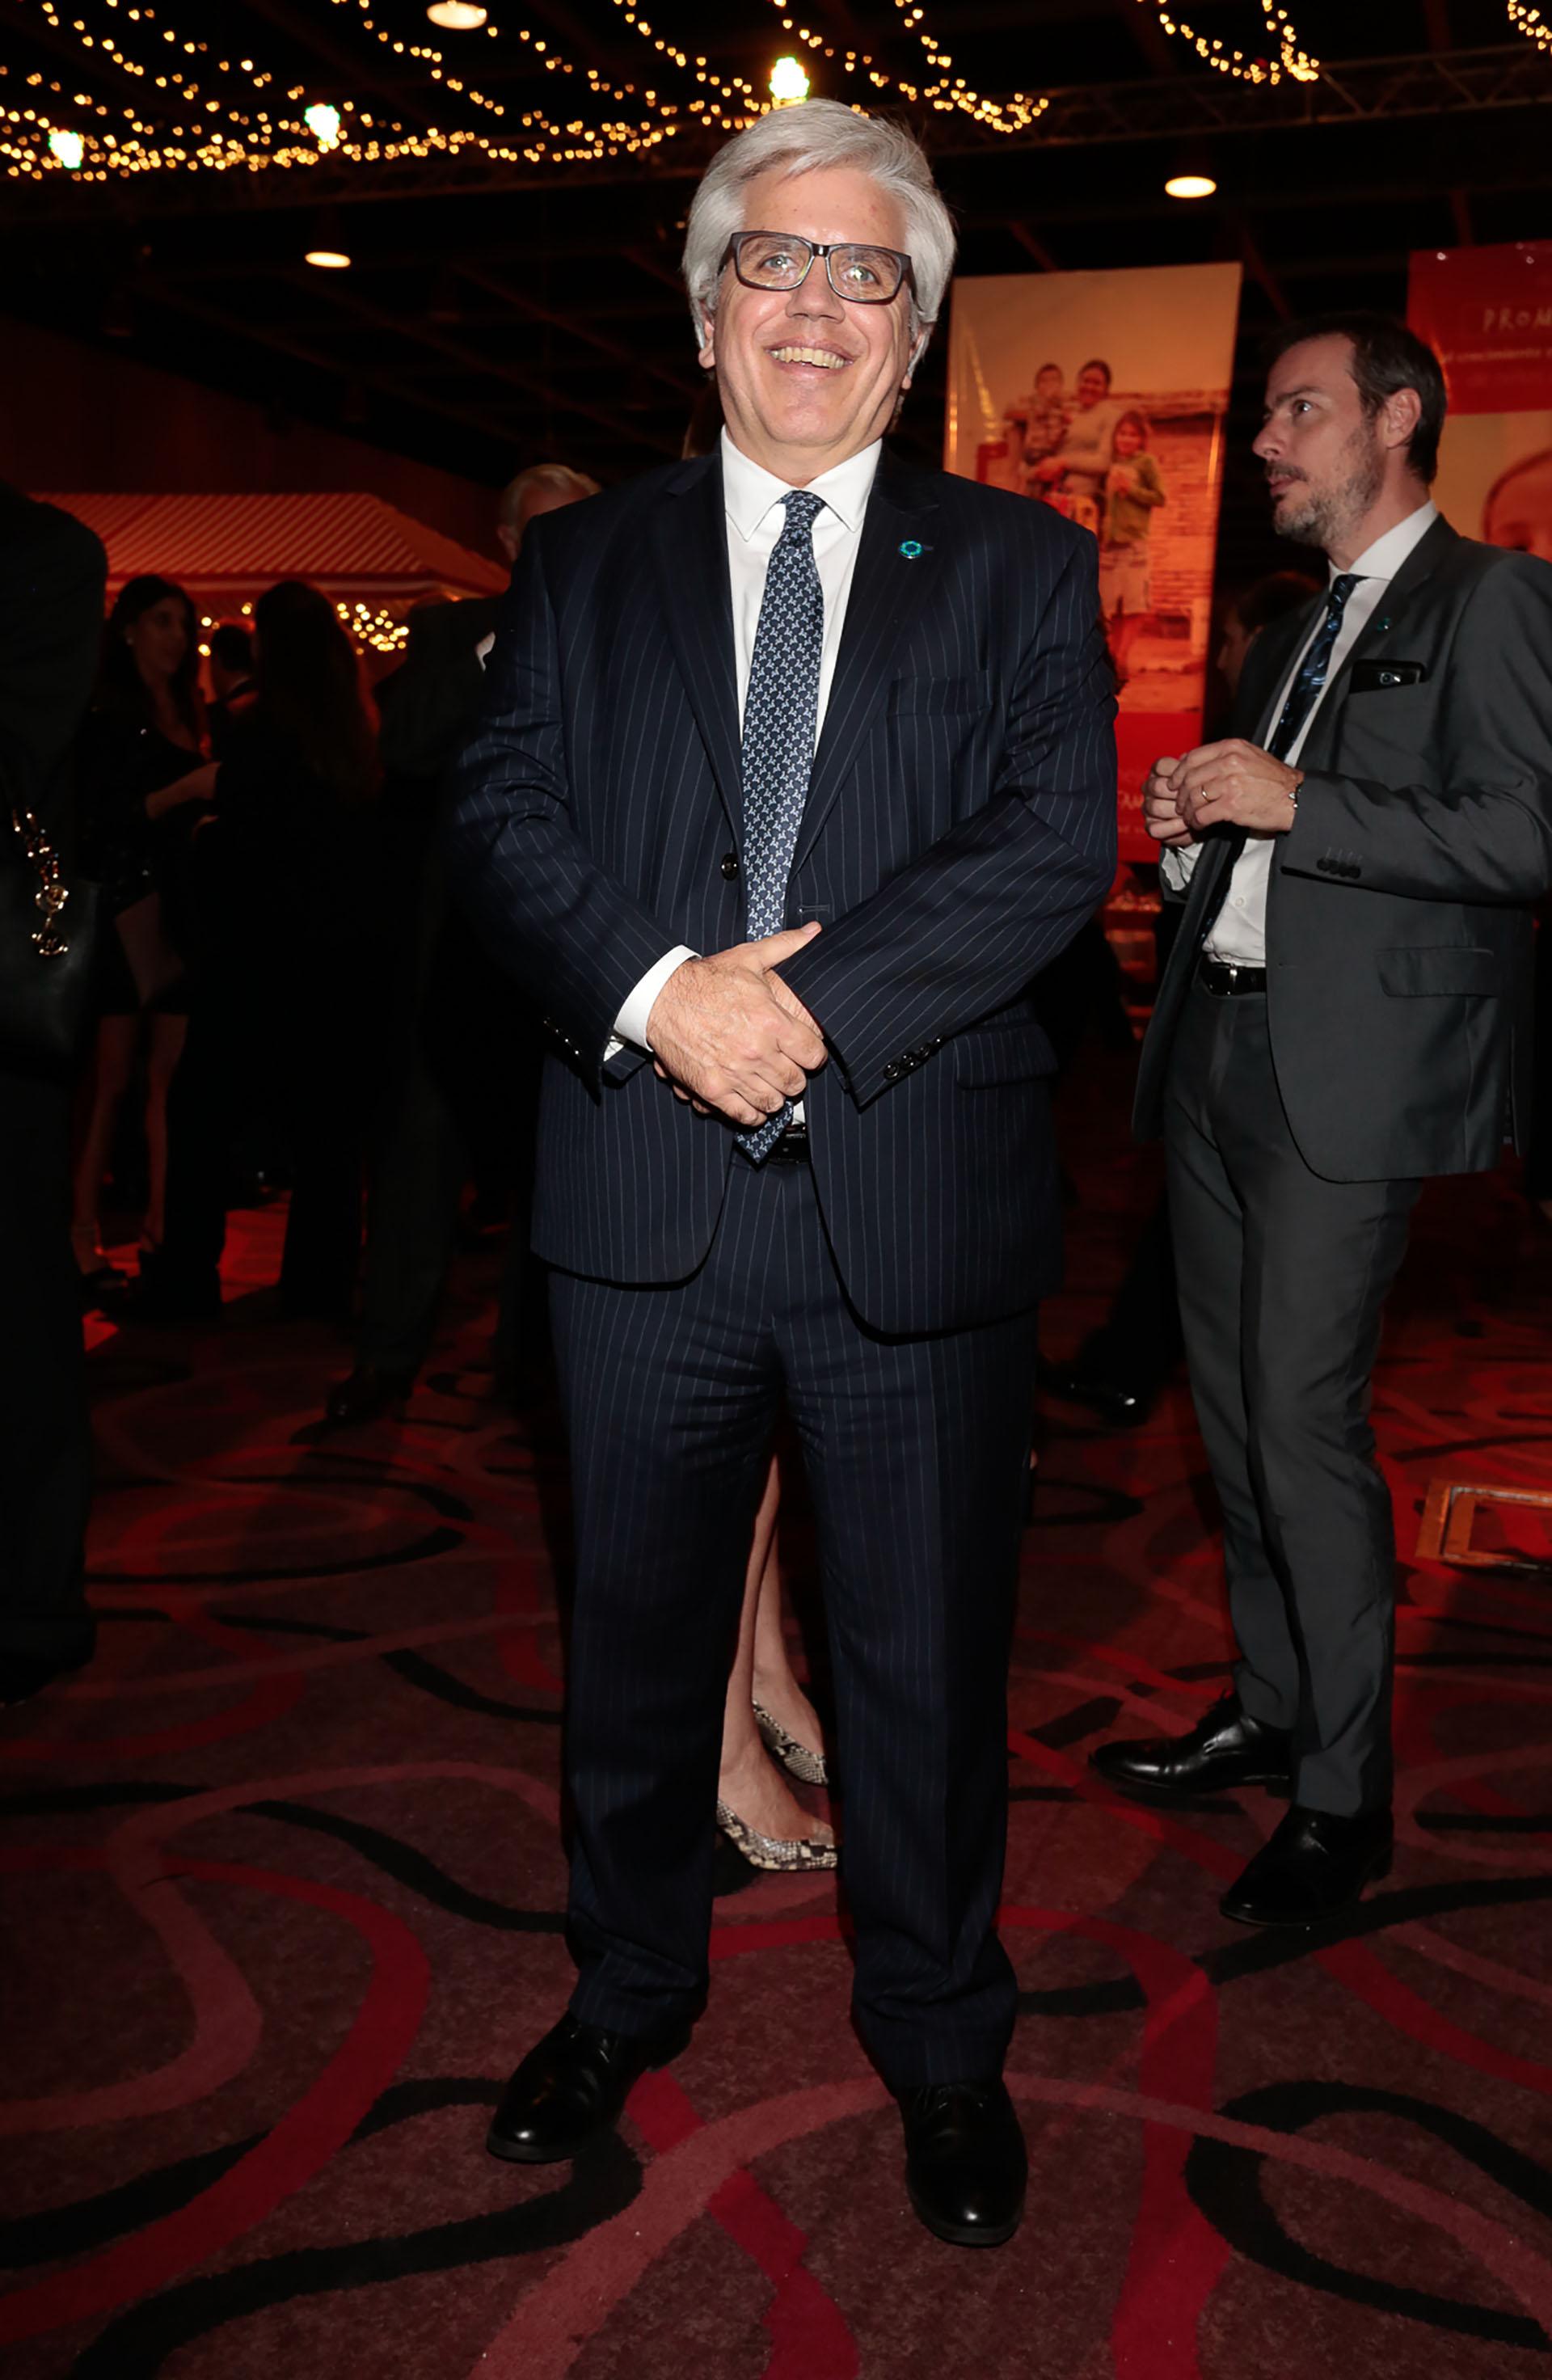 Ernesto Allaria, presidente del ByMA (Bolsas y Mercados Argentinos)